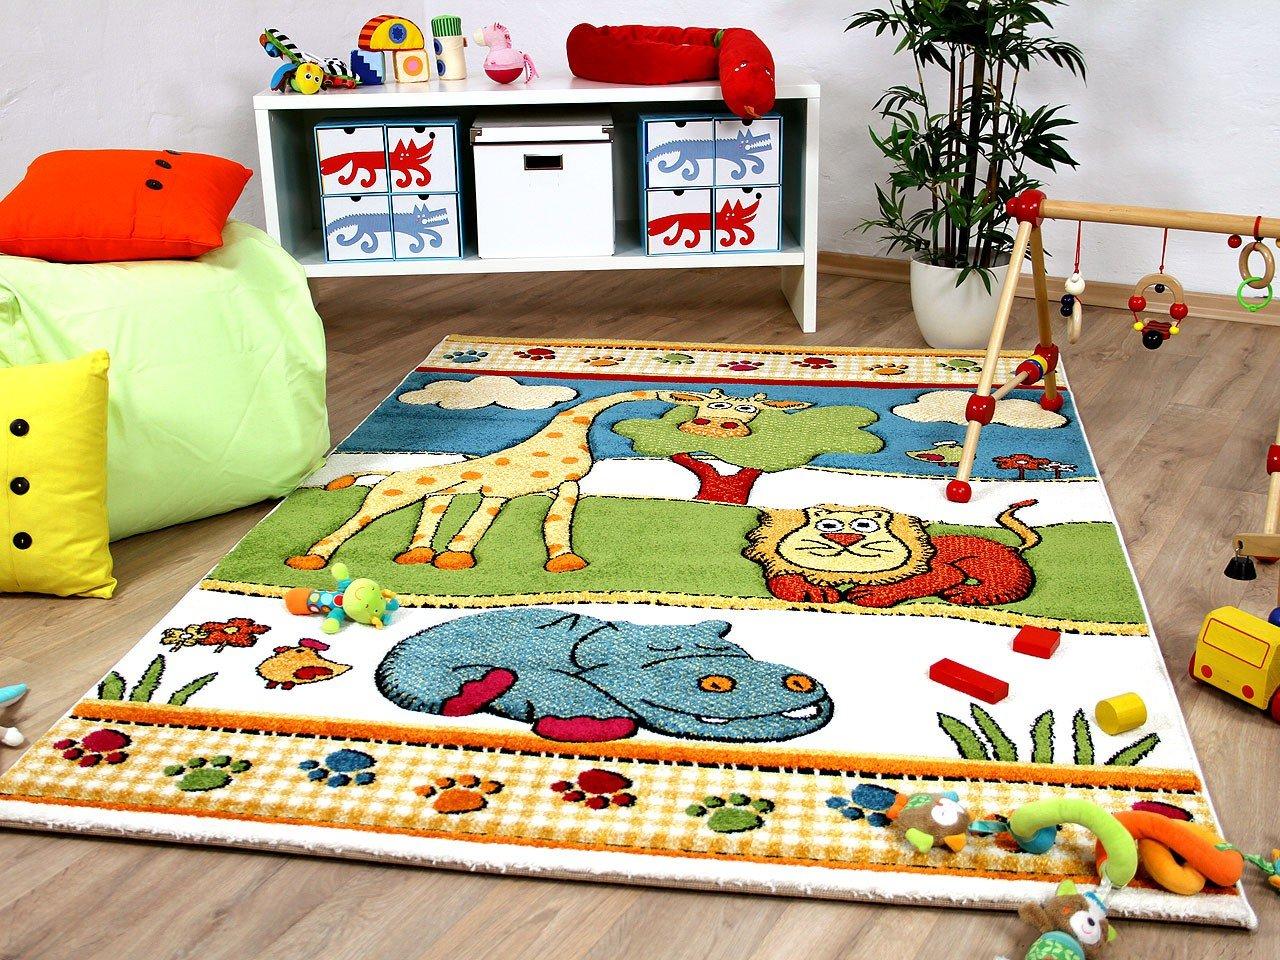 Savona Kids - Tapis pour enfant - animaux de la ferme colorés - 5 tailles disponibles